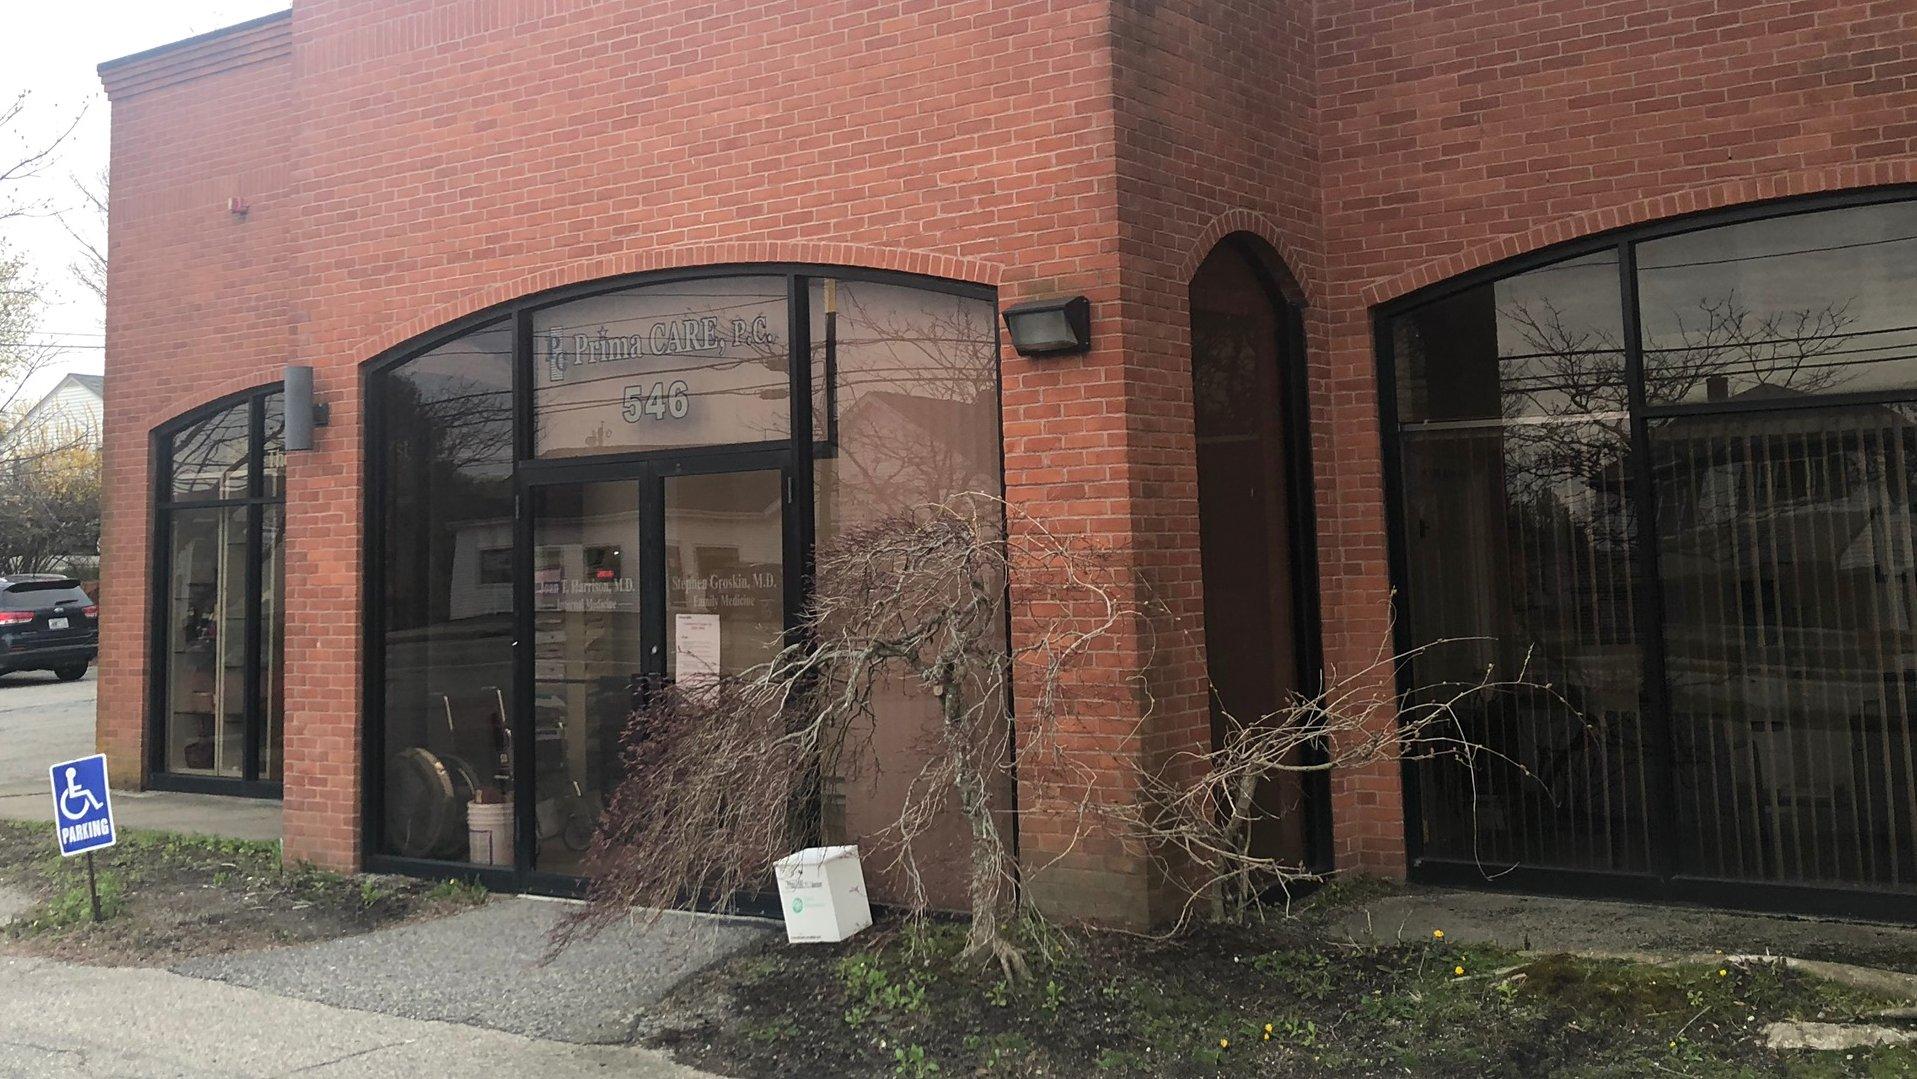 Prima Care 546 Main Rd Entrance